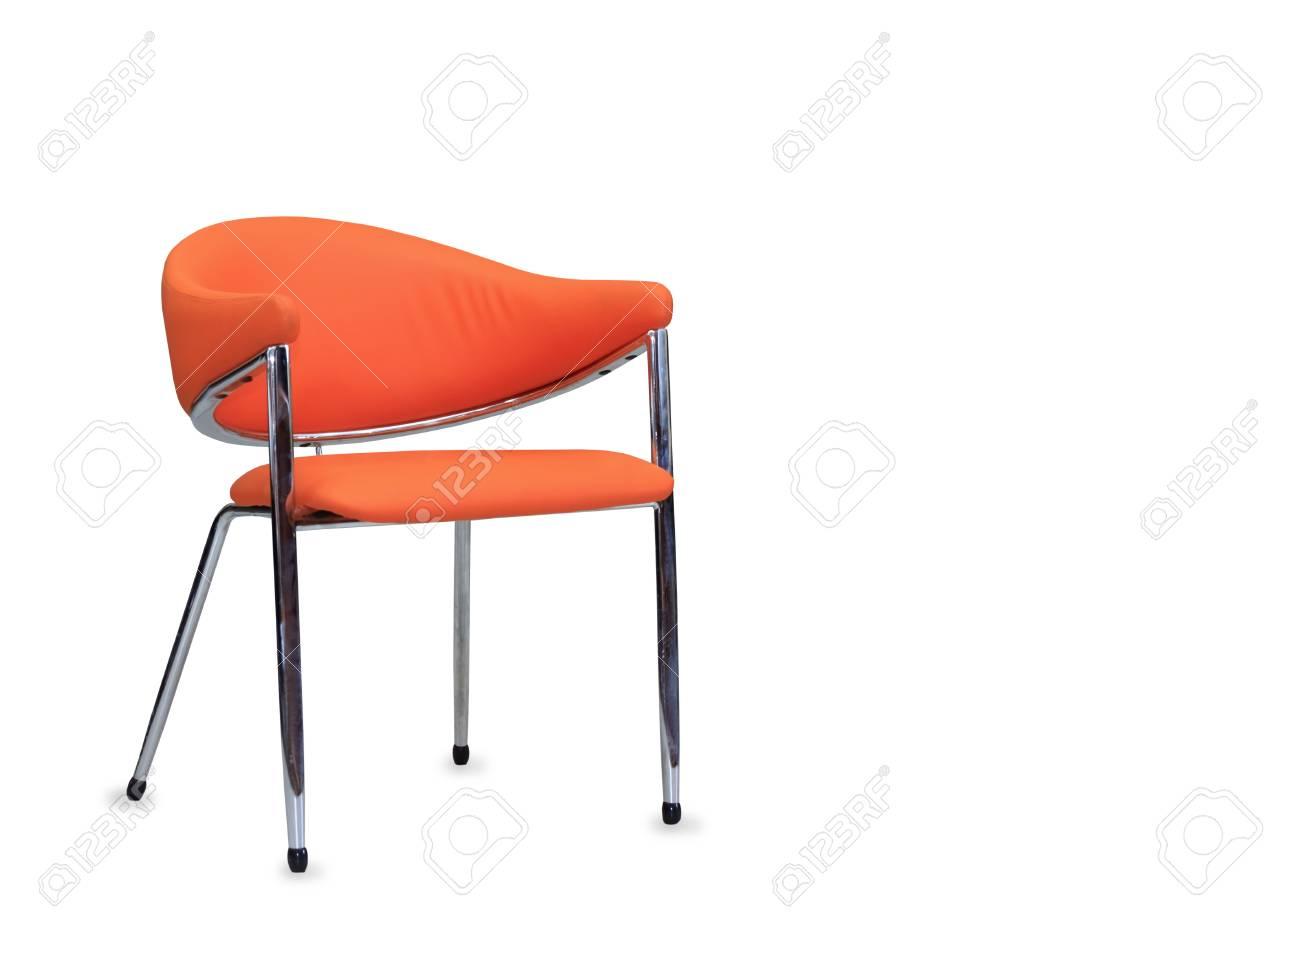 Sedie Ufficio Arancio : La sedia da ufficio in pelle arancione isolato foto royalty free